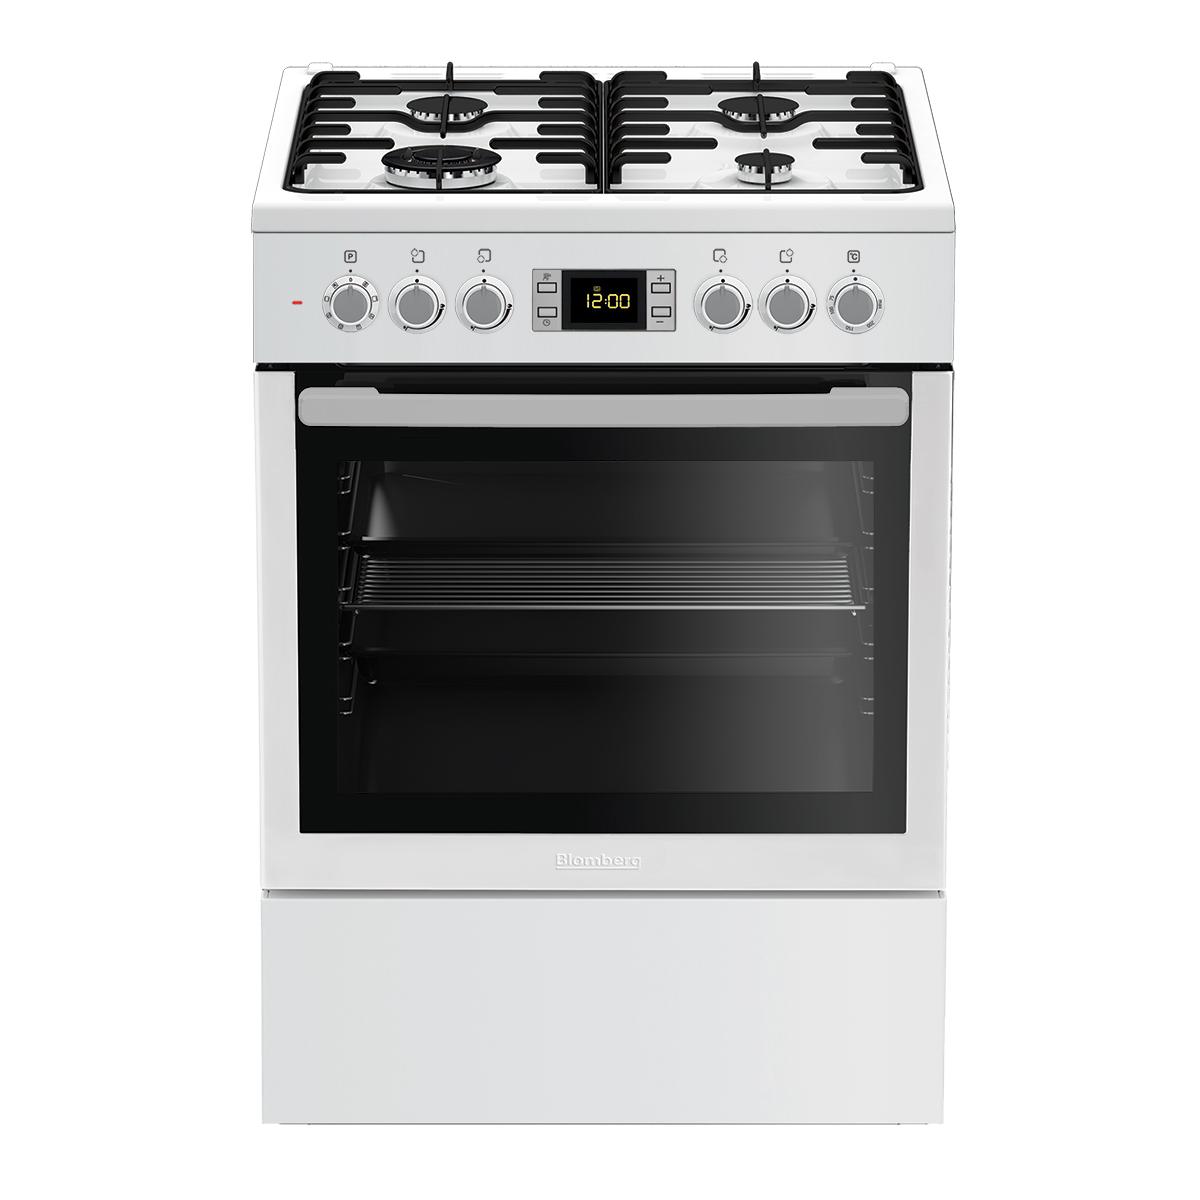 מגה וברק תנורי אפיה - הקונטיינר מהיצרן לצרכן ,מוצרי חשמל ביתיים 03-6707620 QI-41